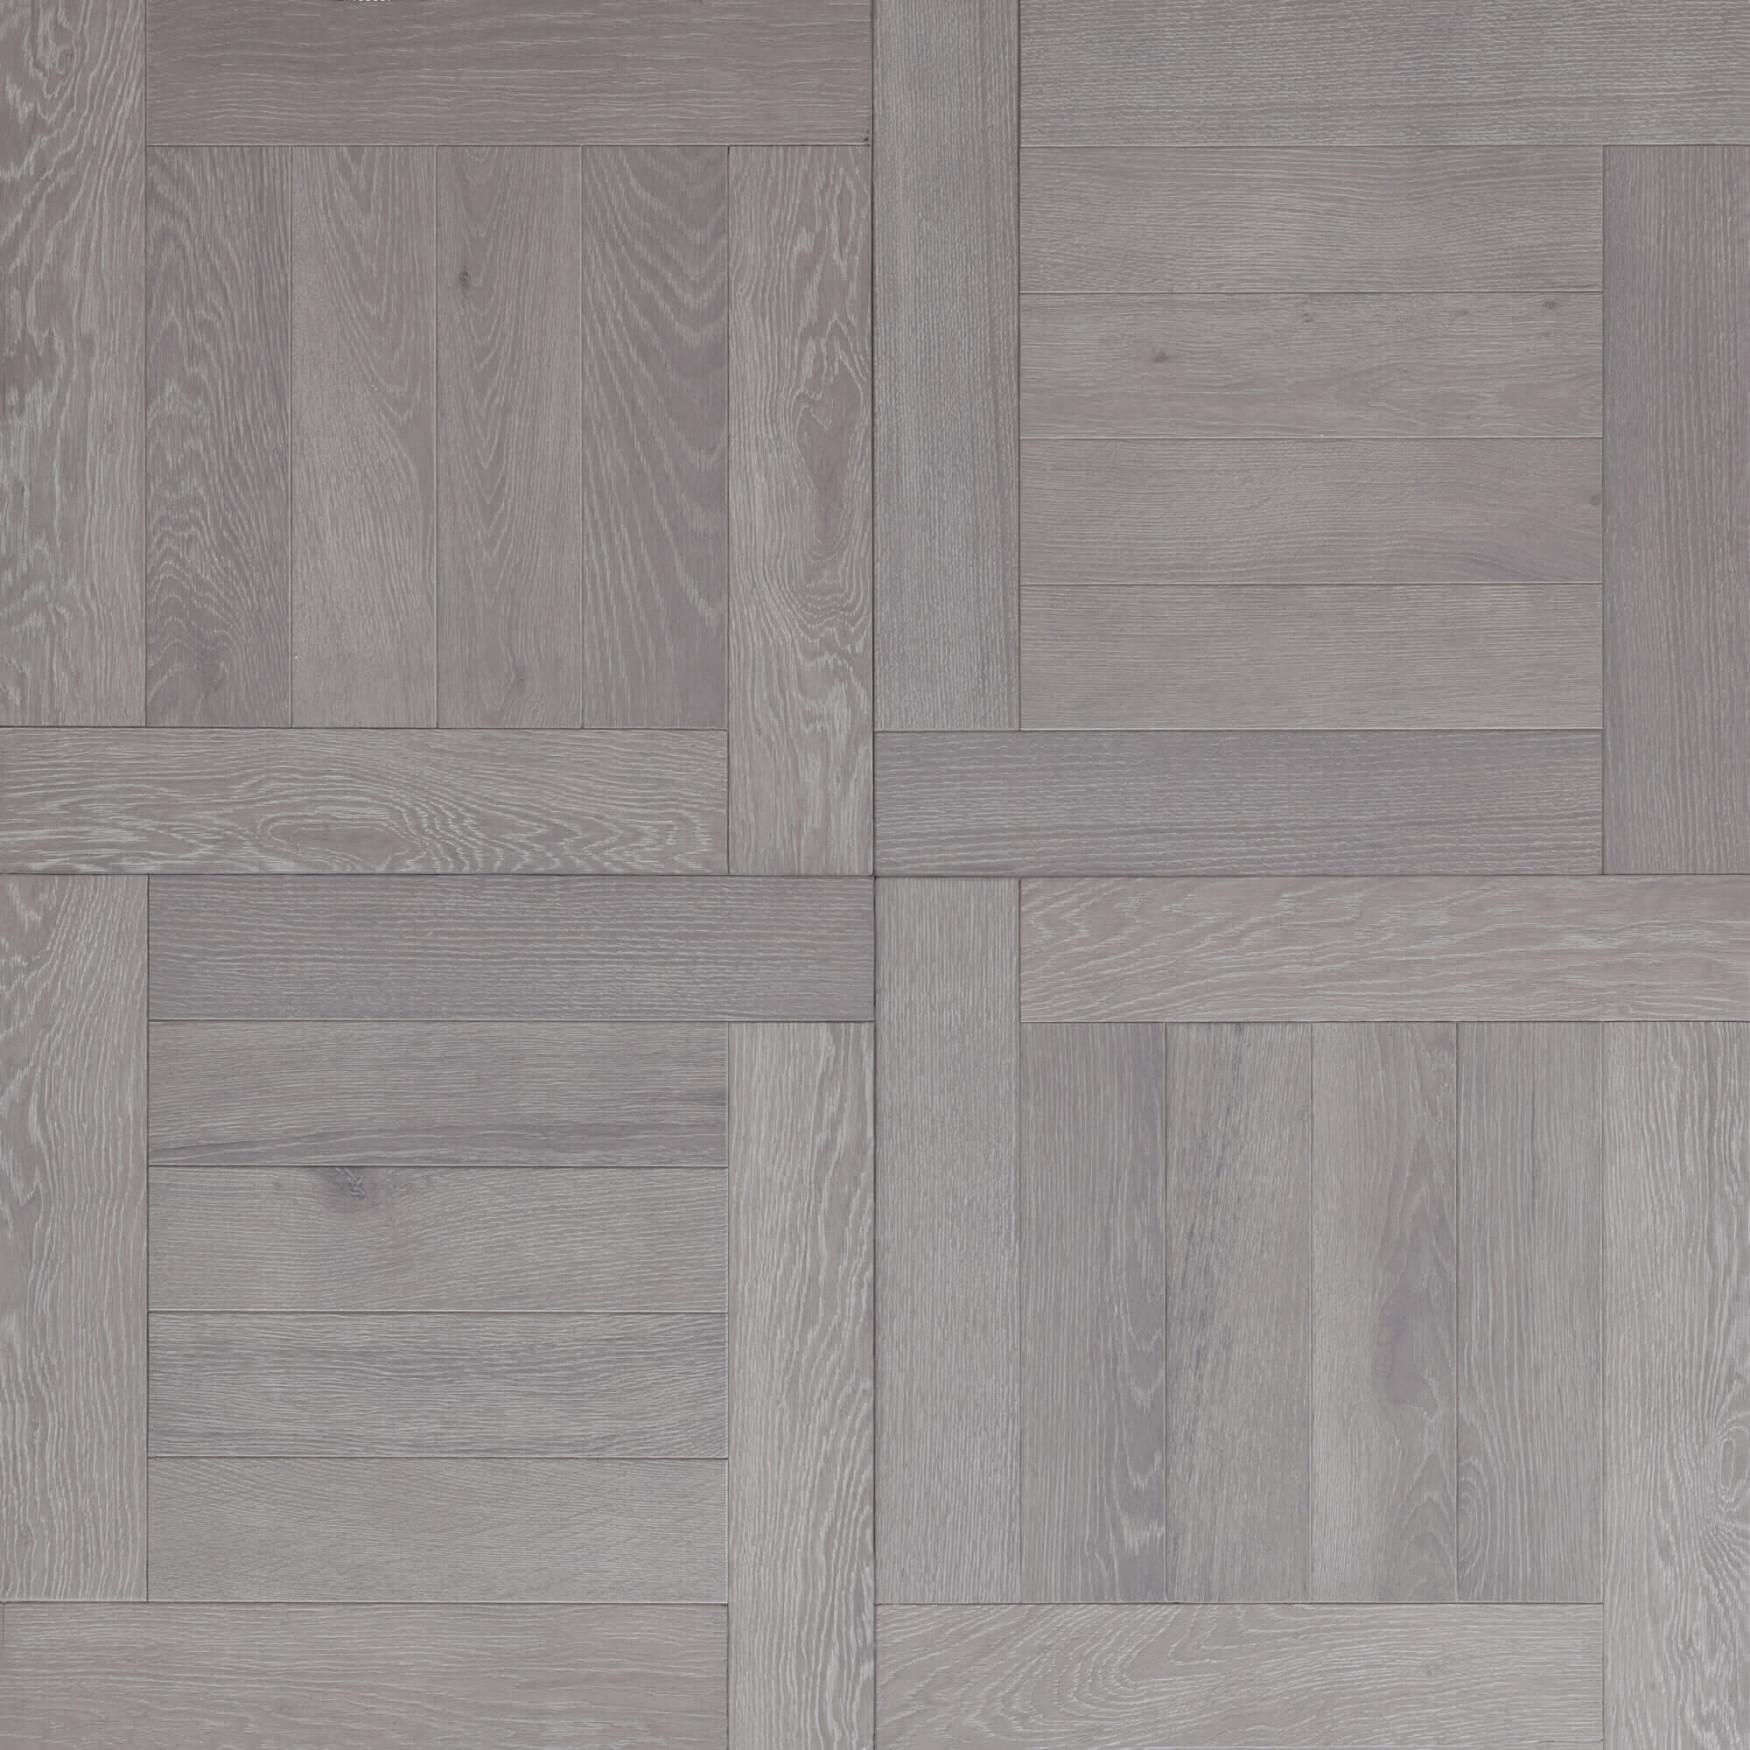 Sachs Grey Oak – MOD 205 (4 slat)